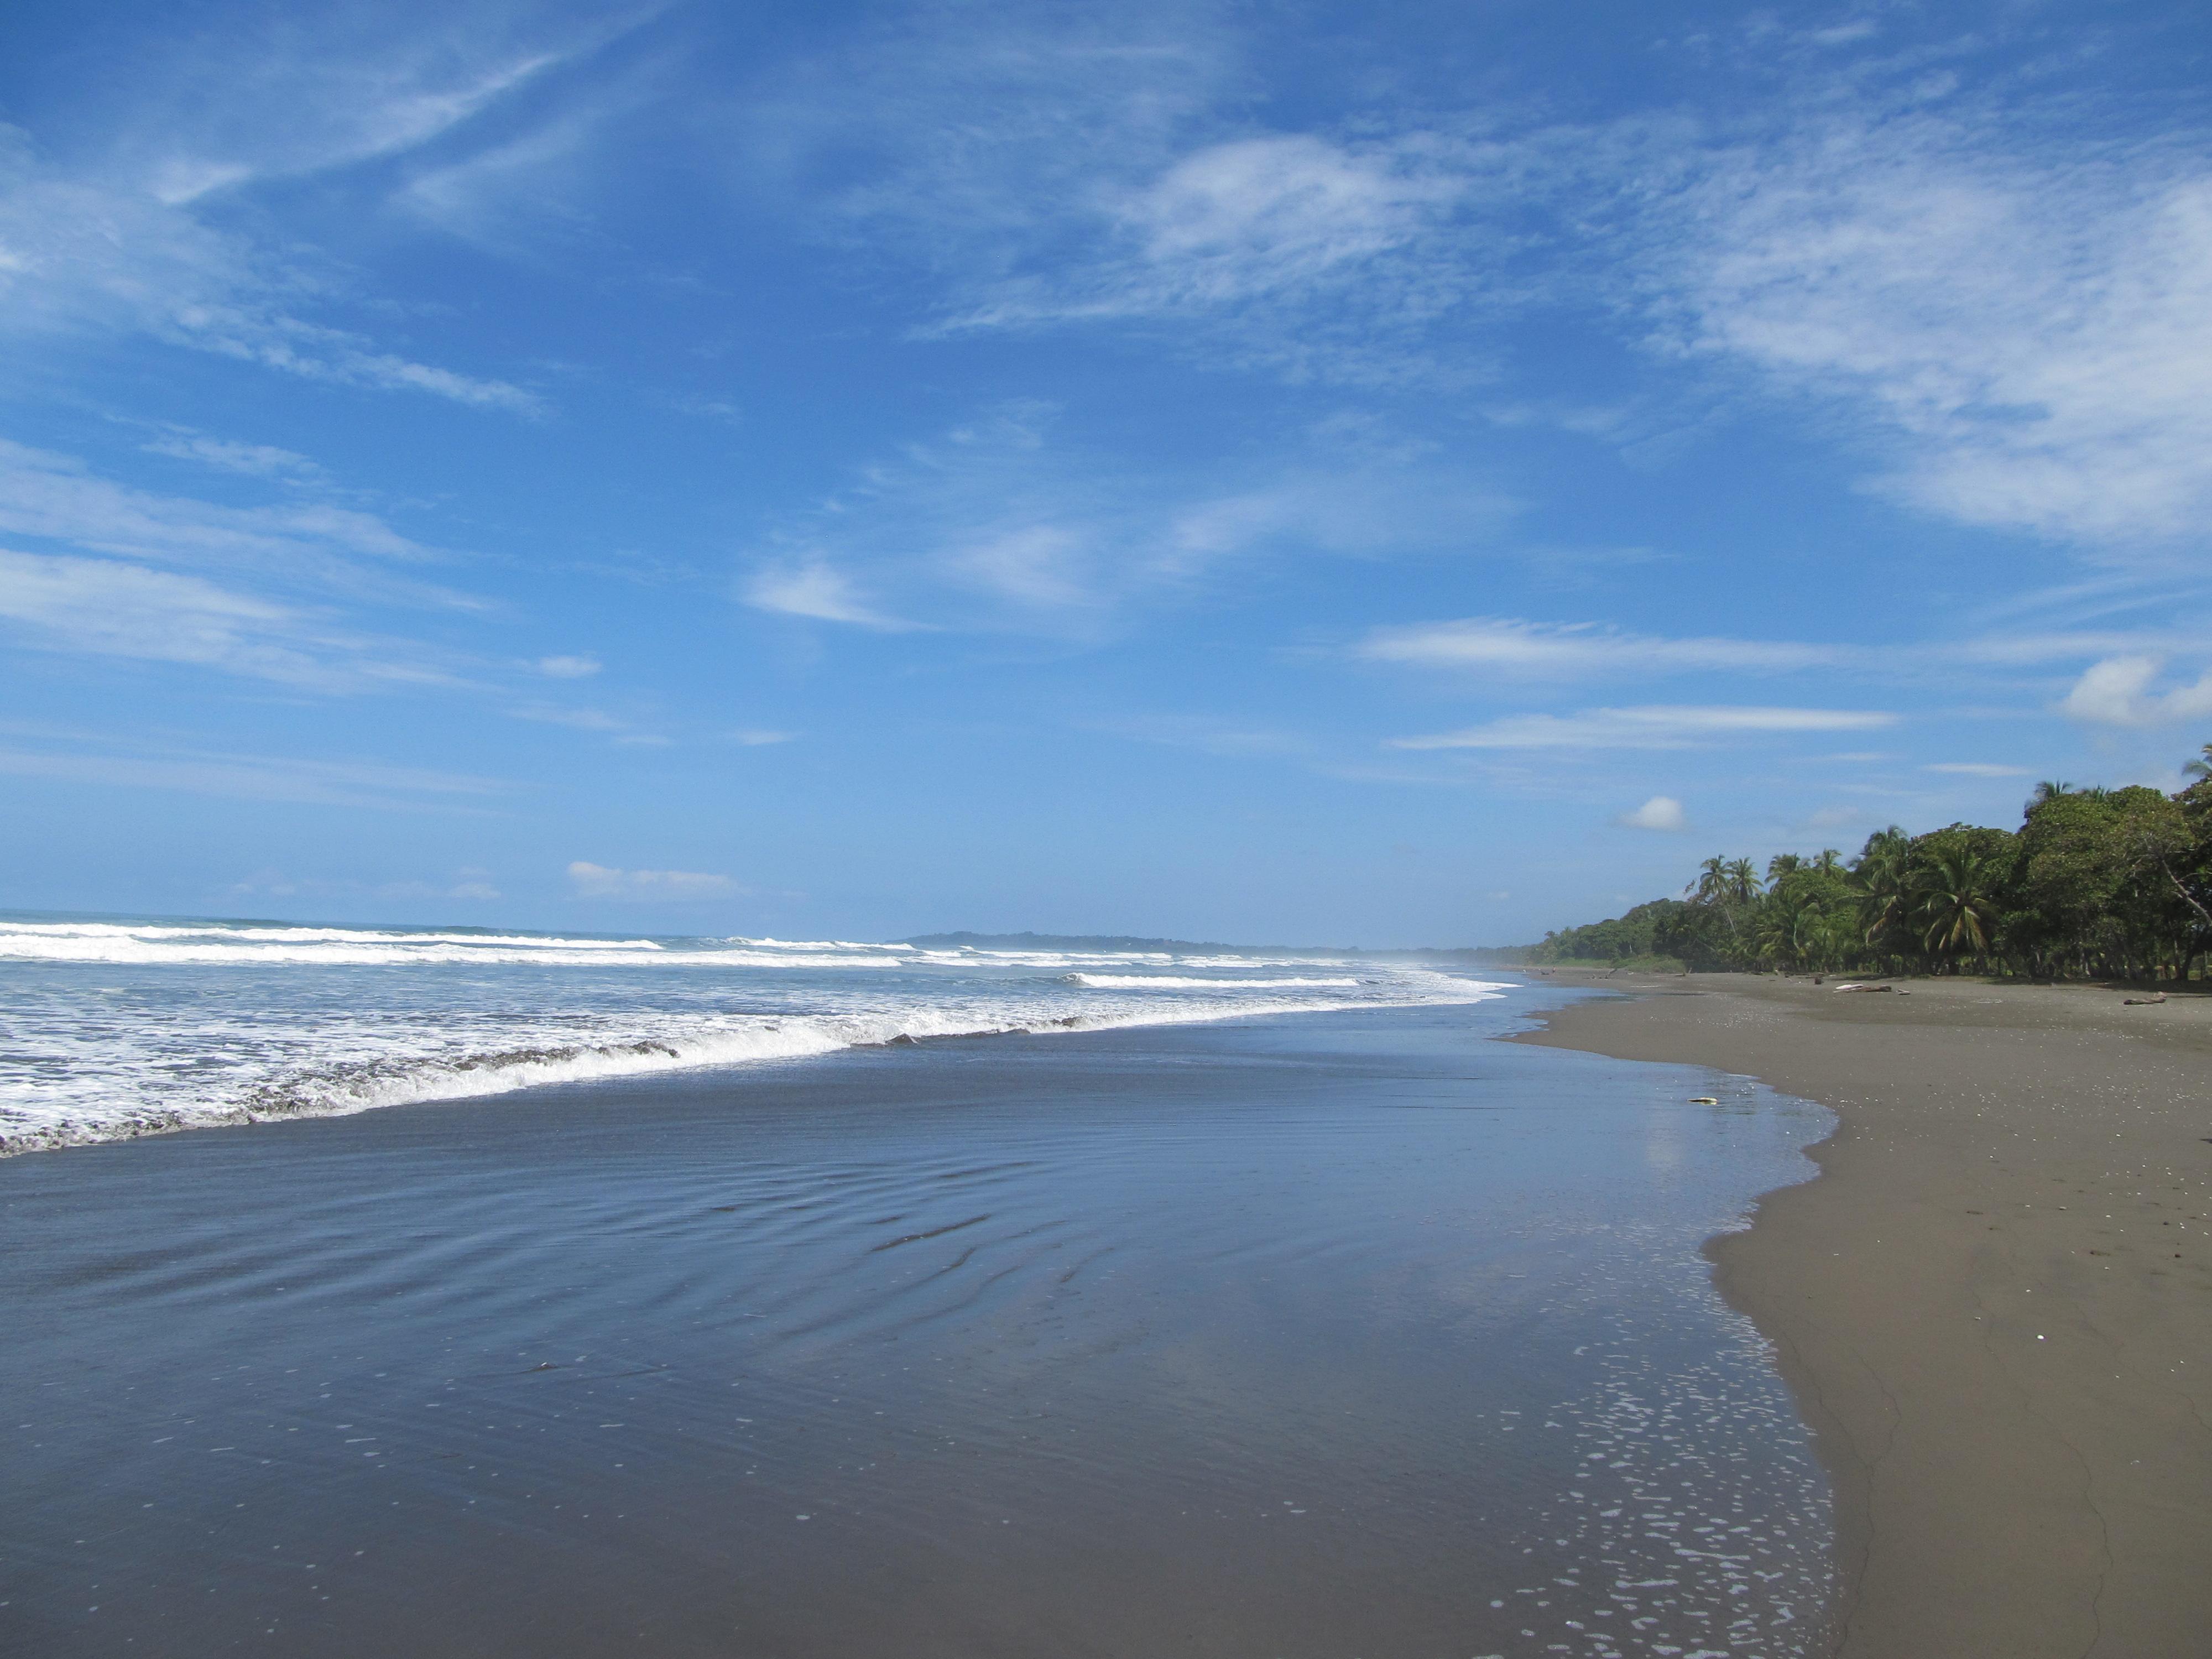 Archivo:Playa Bejuco Puntarenas Costa Rica 4806.JPG - Wikipedia ...